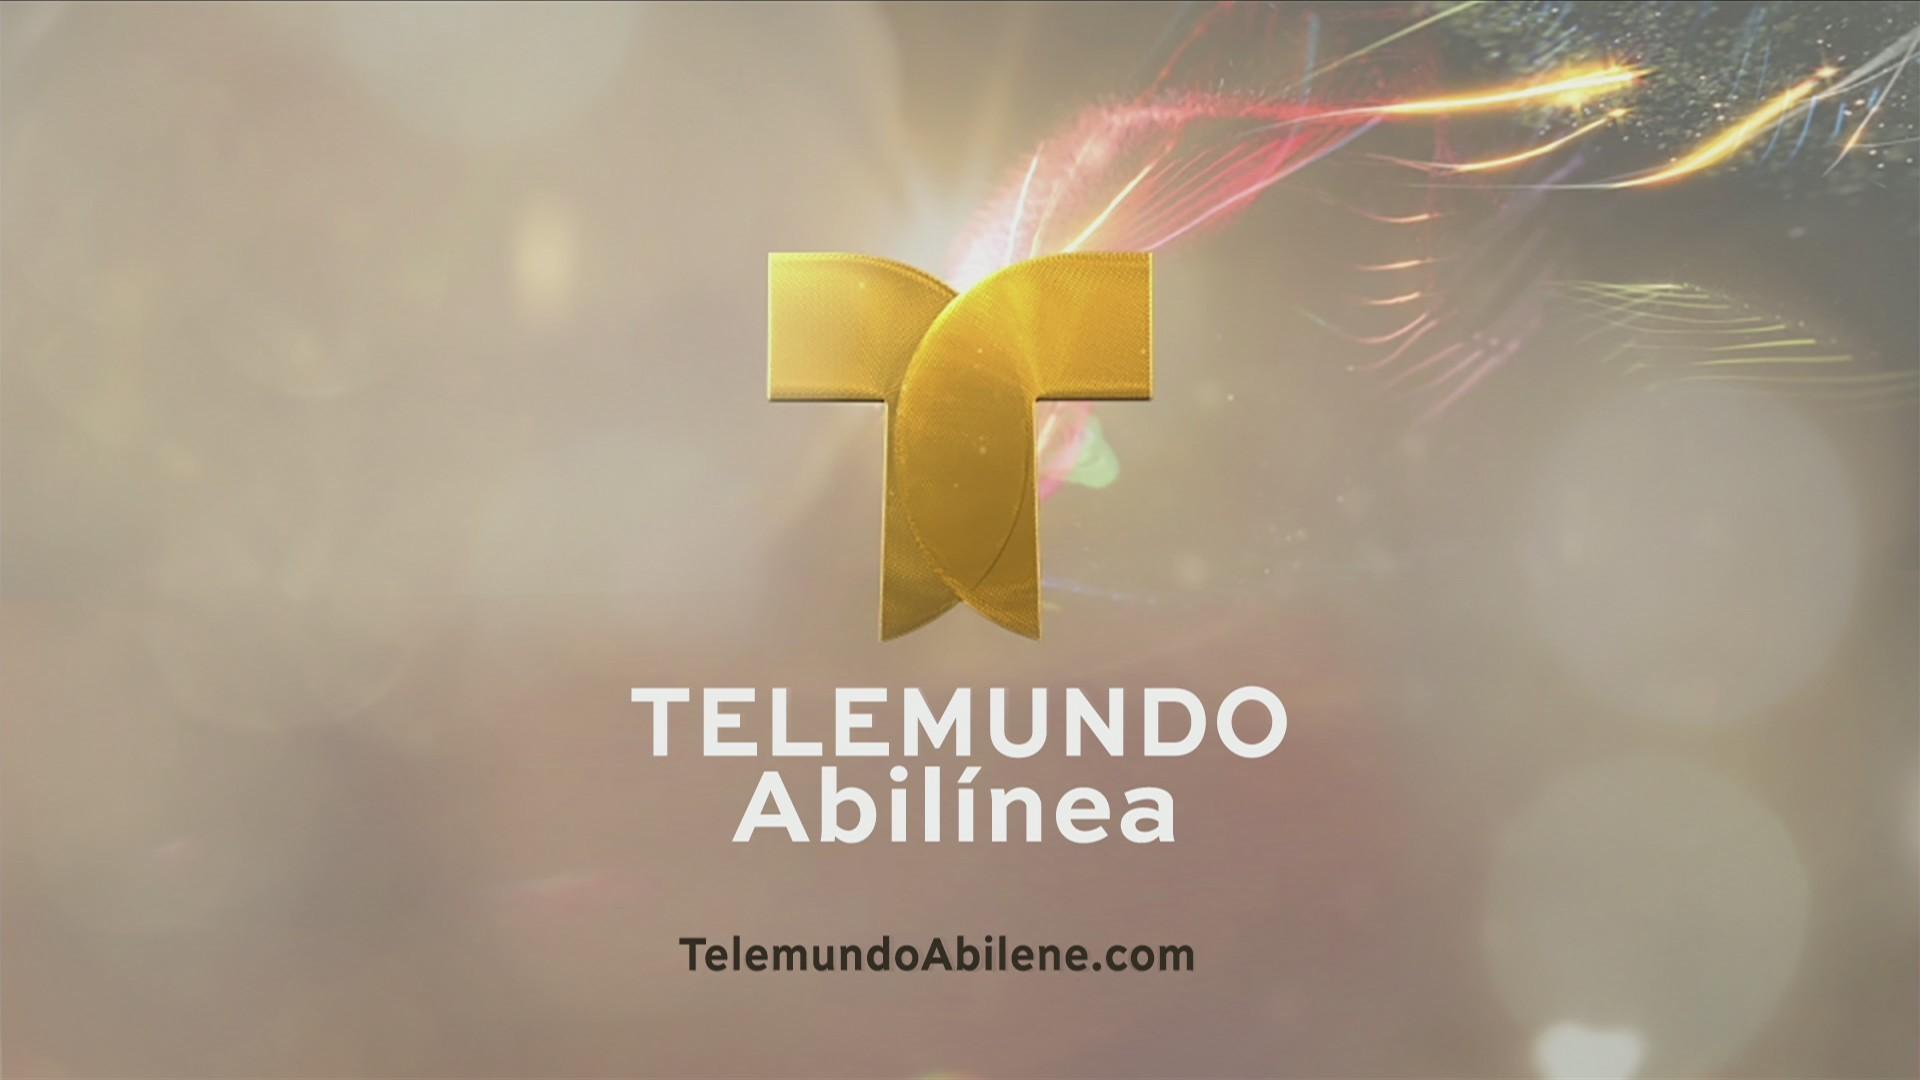 Telemundo Abilínea - 16 de abril, 2019